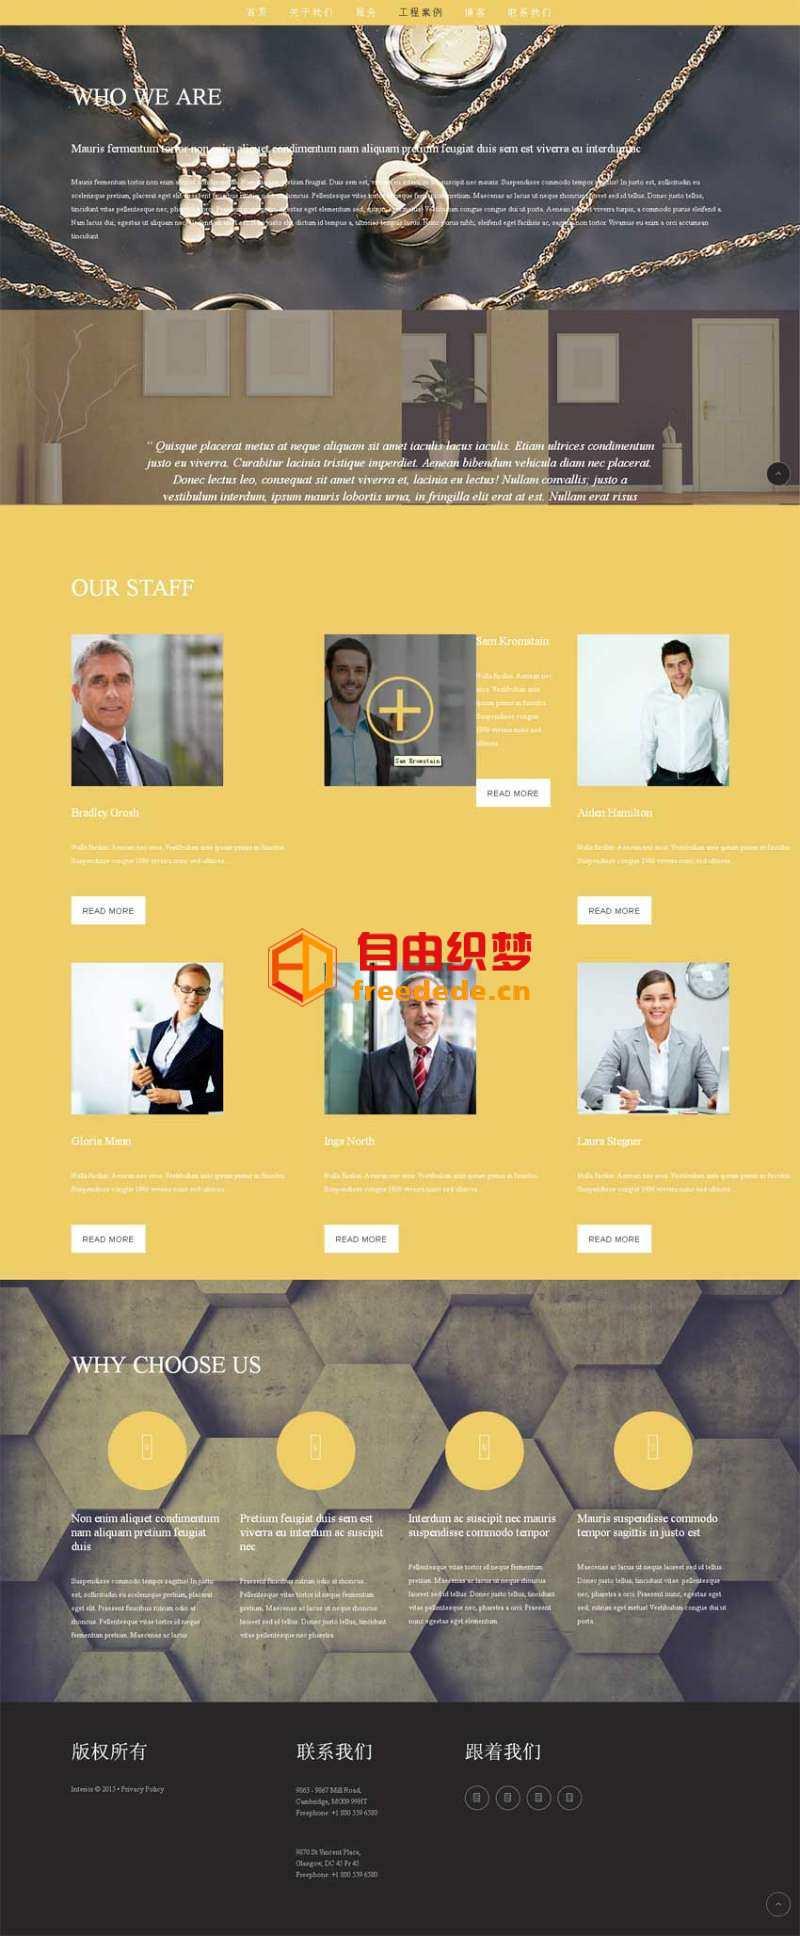 爱上源码网文章html5大气的奢侈品展示视差滚动网站模板的内容插图